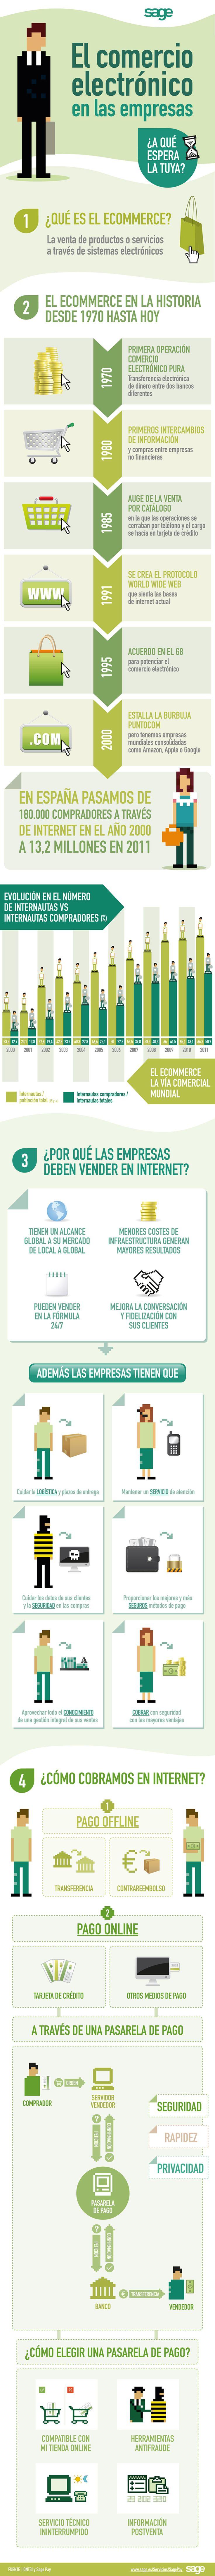 El comercio electrónico en las empresas #infografia #infographic #ecommerce